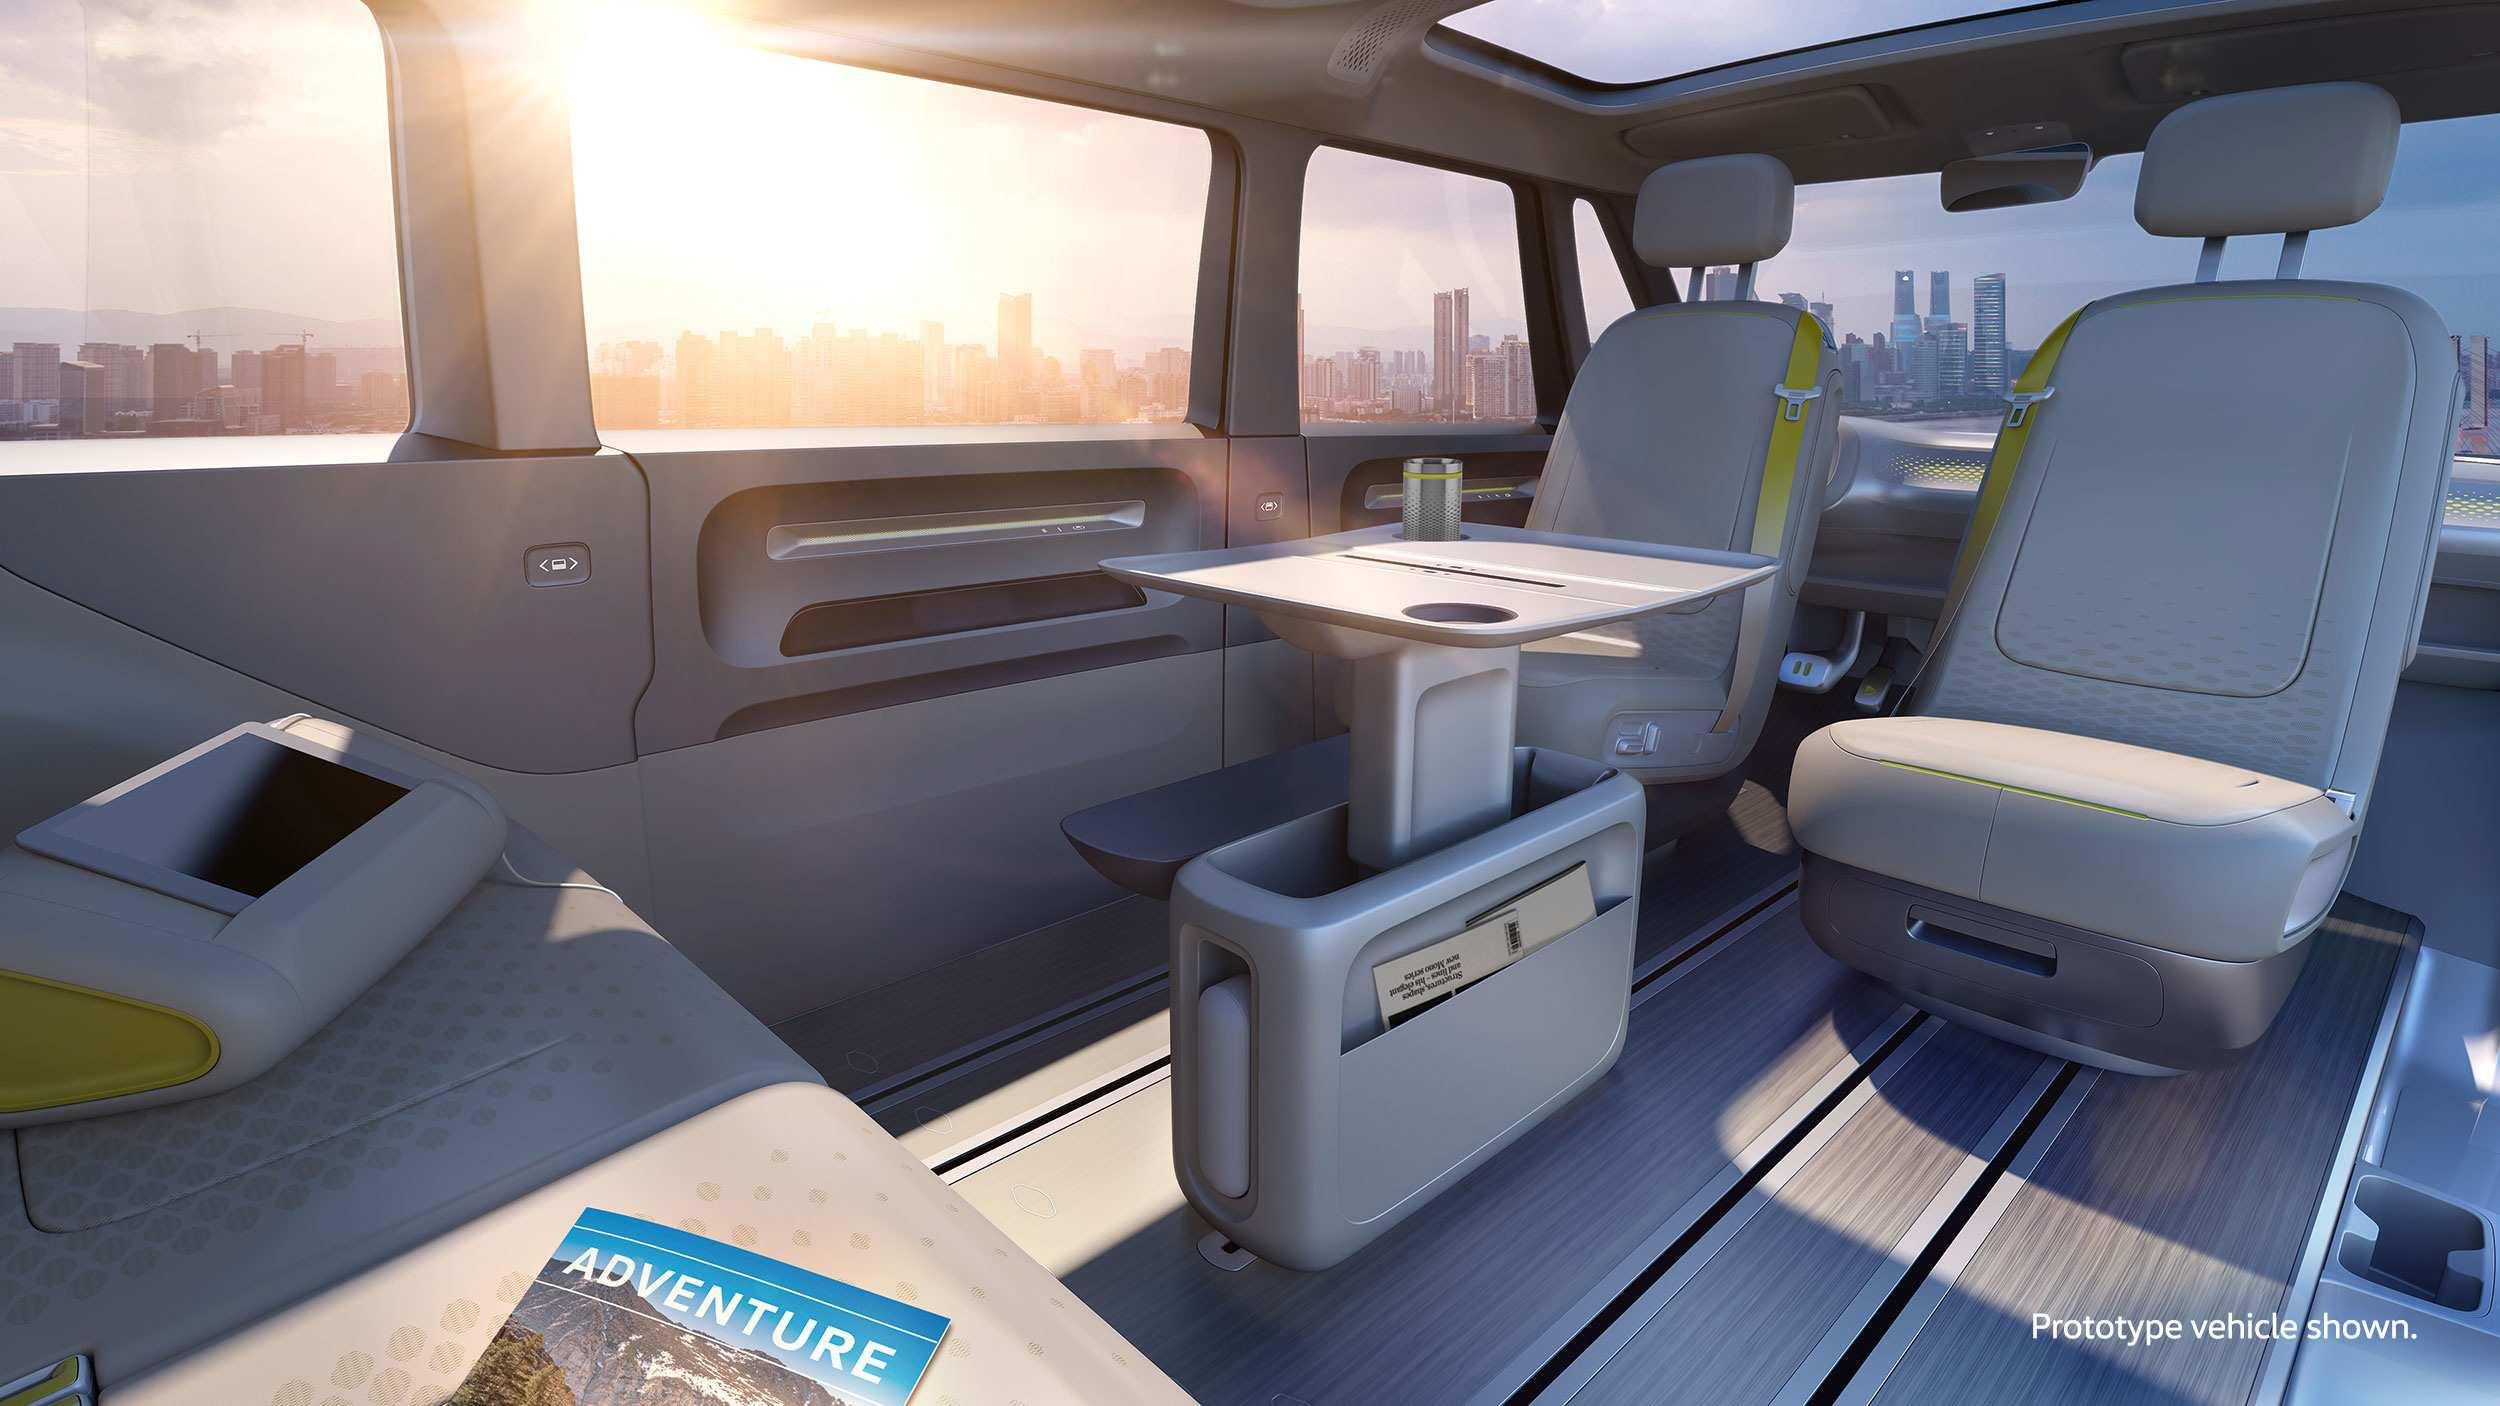 16 Great Volkswagen Van 2020 Price Reviews for Volkswagen Van 2020 Price